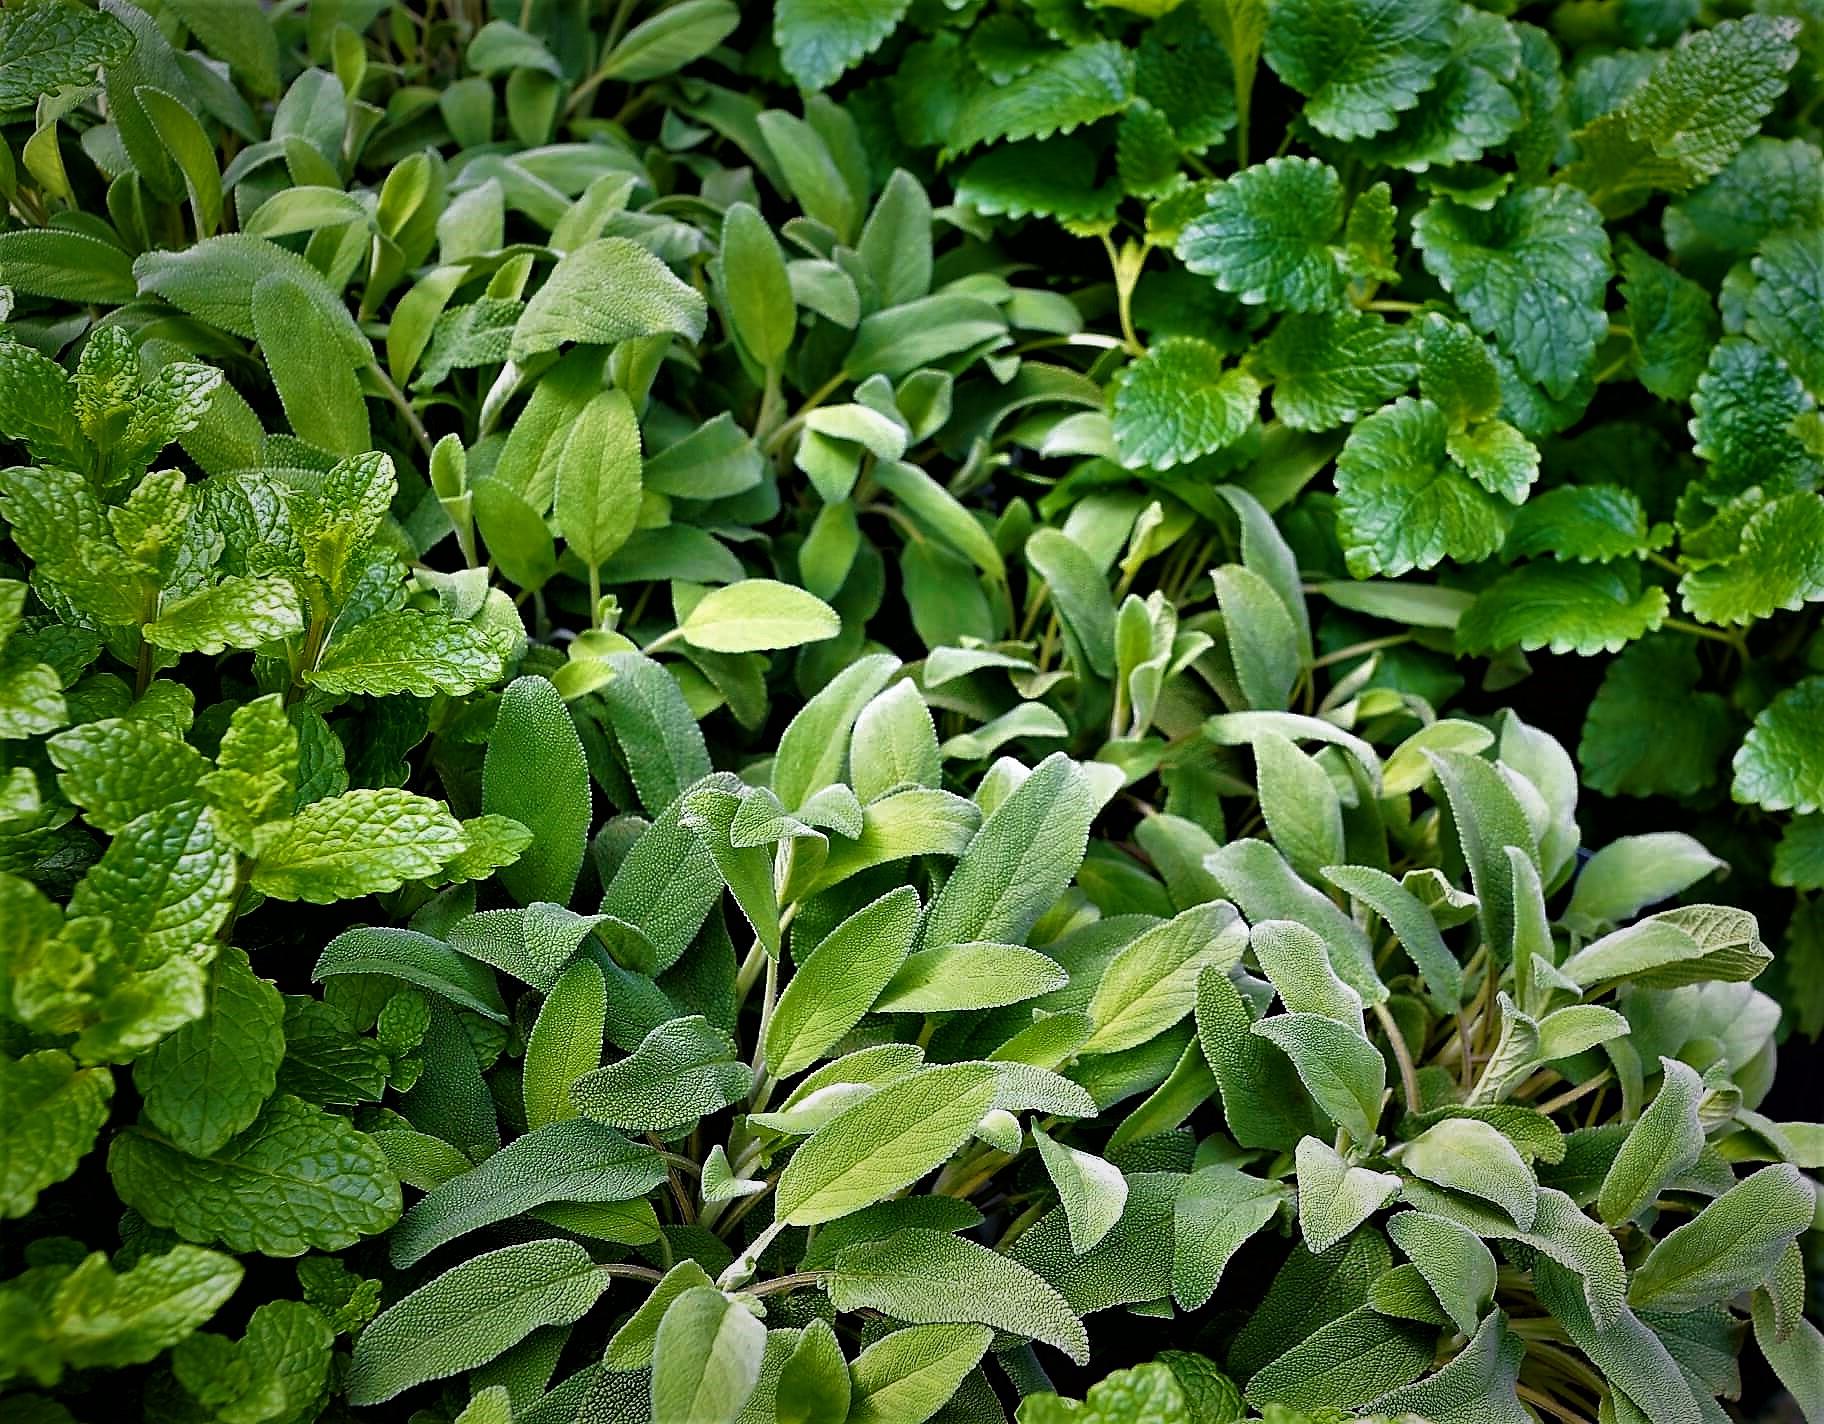 piante aromatiche e officinali - Solaria Giardini